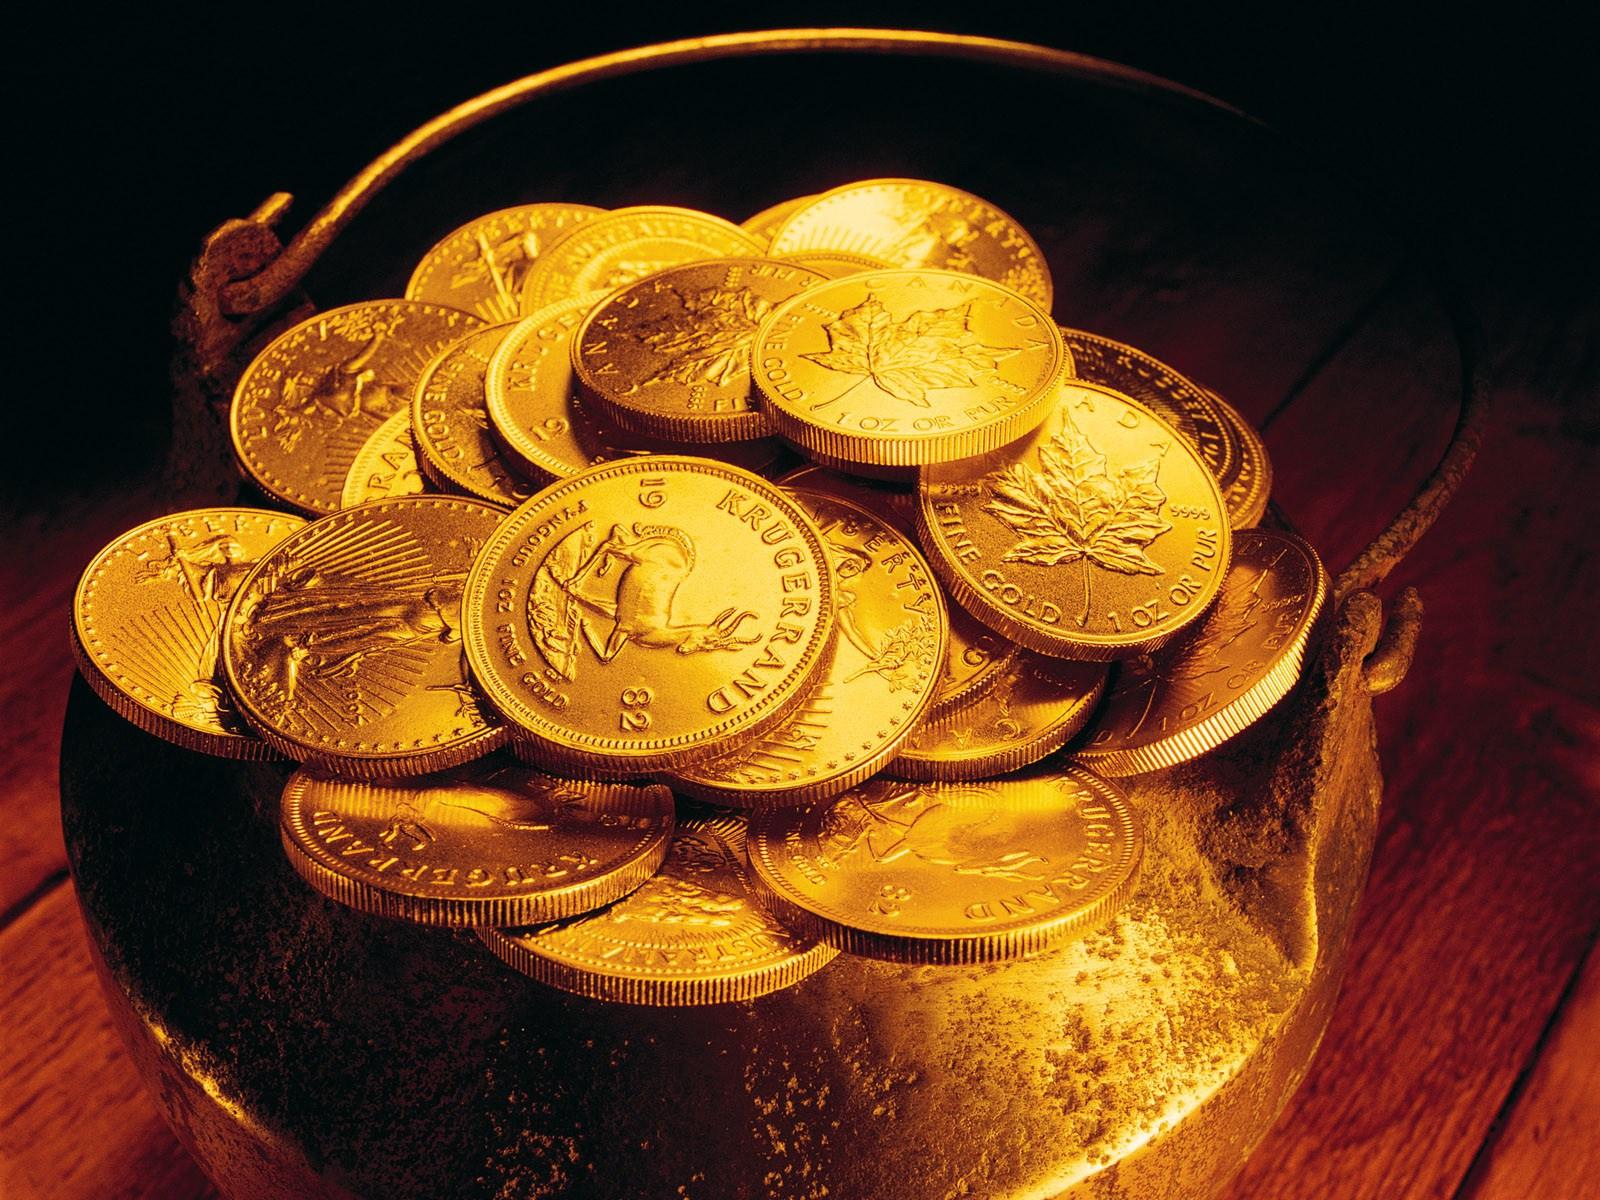 золотые монеты фото и картинки